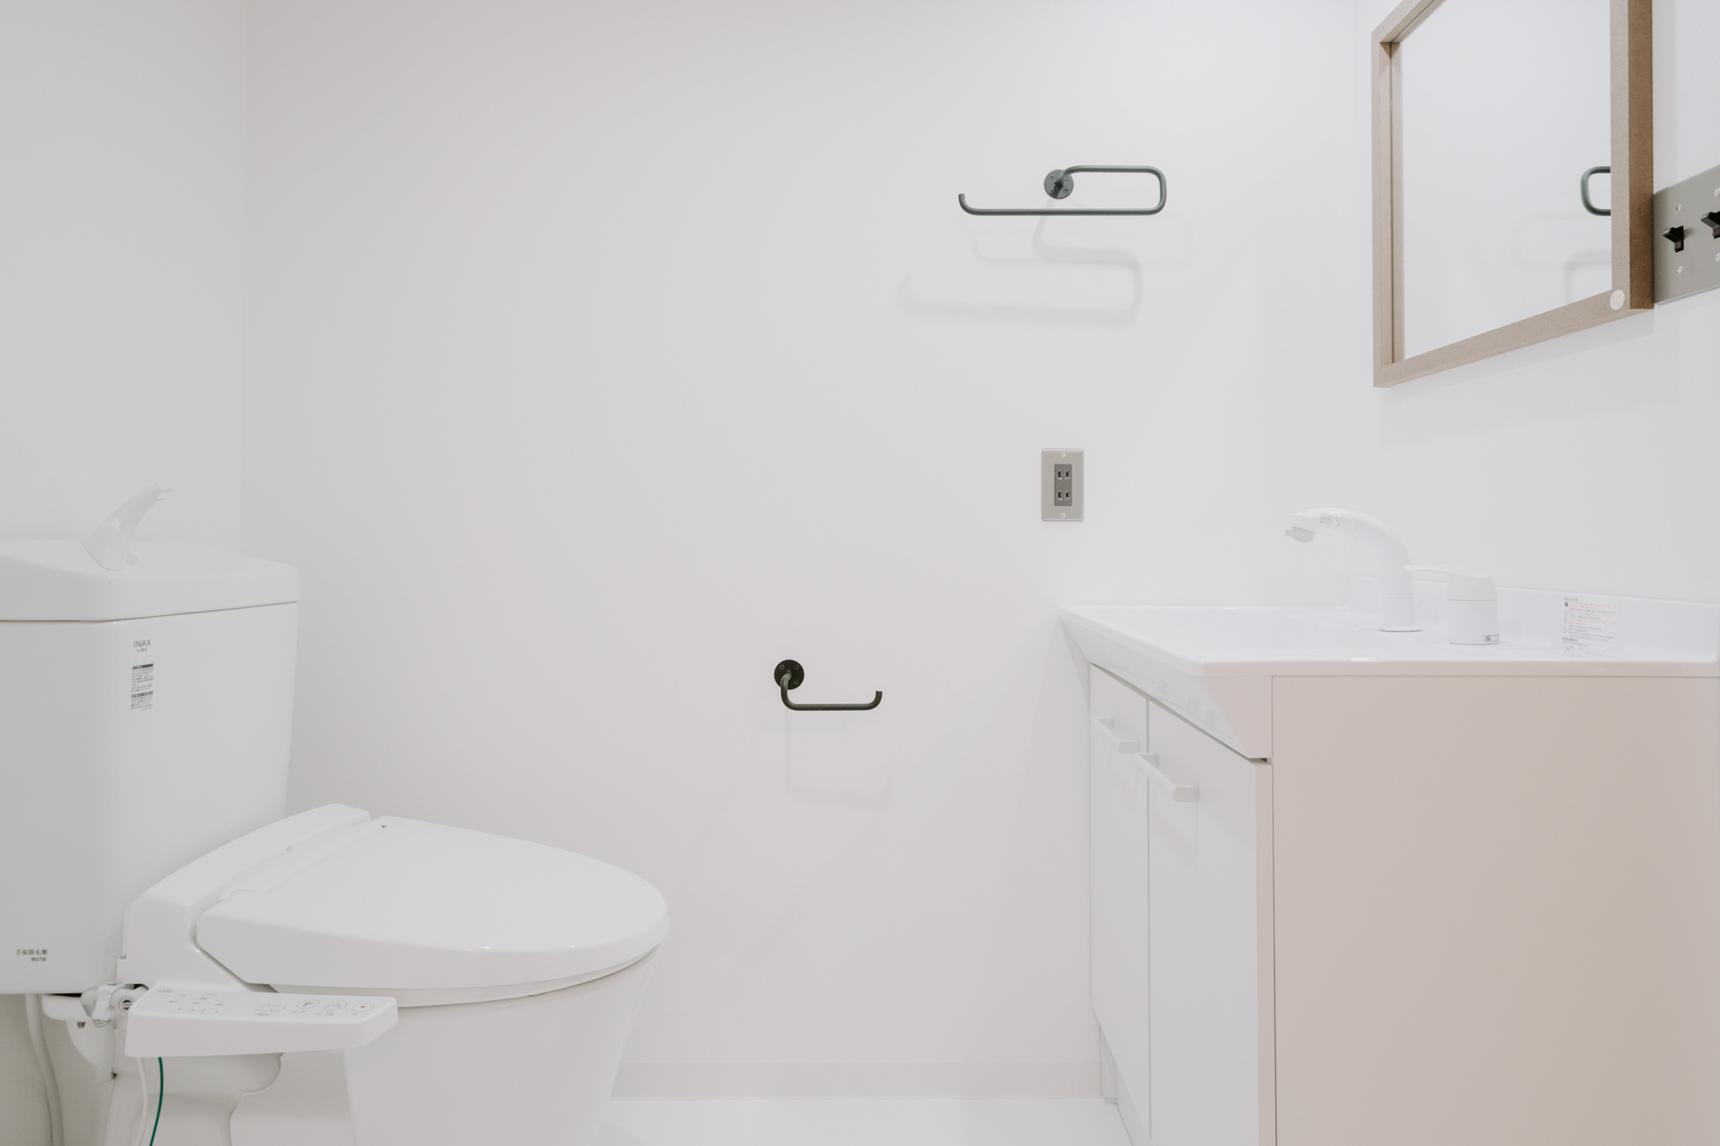 水回りの設備ももちろん全て新しいものになっています。洗面台もおしゃれで大きくて使いやすそう。